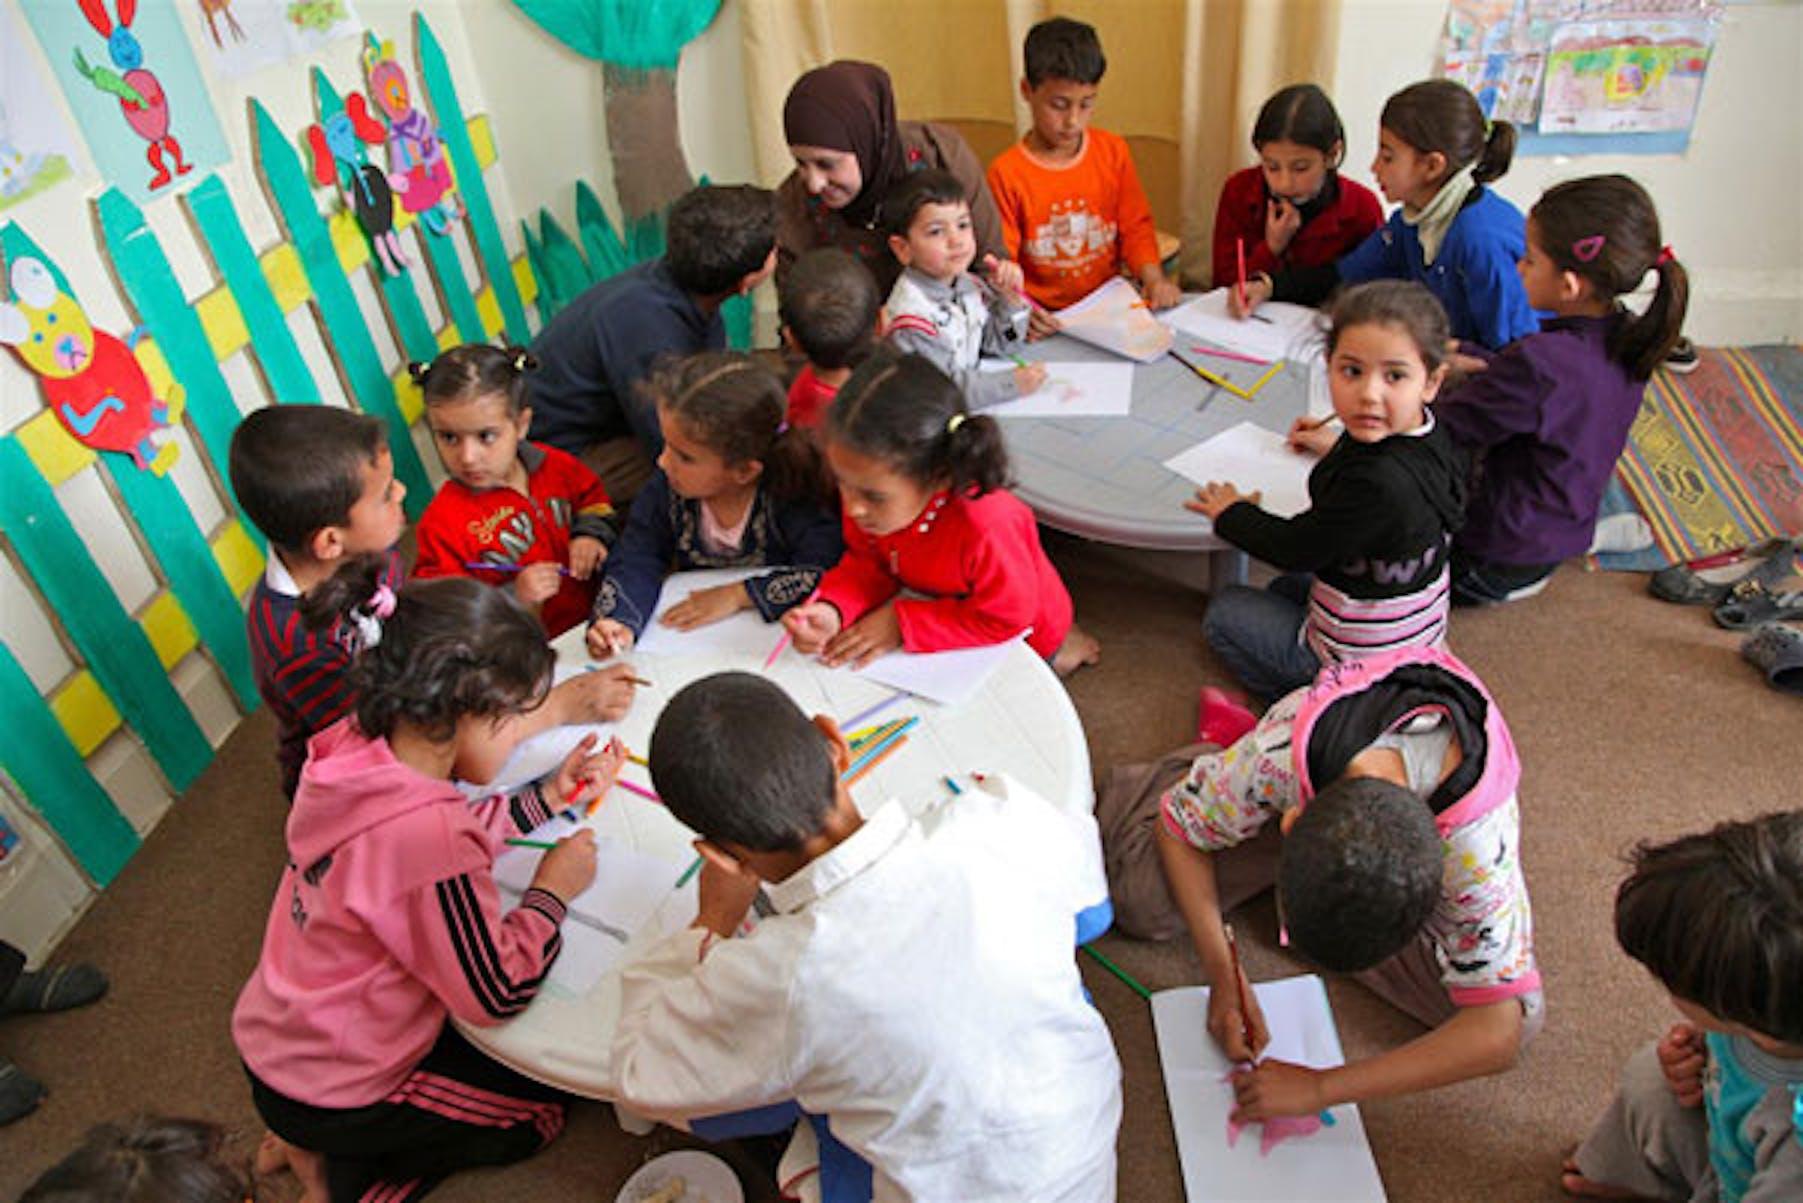 lezione di educazione artistica per un gruppo di bambini siriani rifugiati a Ramtha (Giordania) - ©UNICEF/NYHQ2012-0198/Giacomo Pirozzi